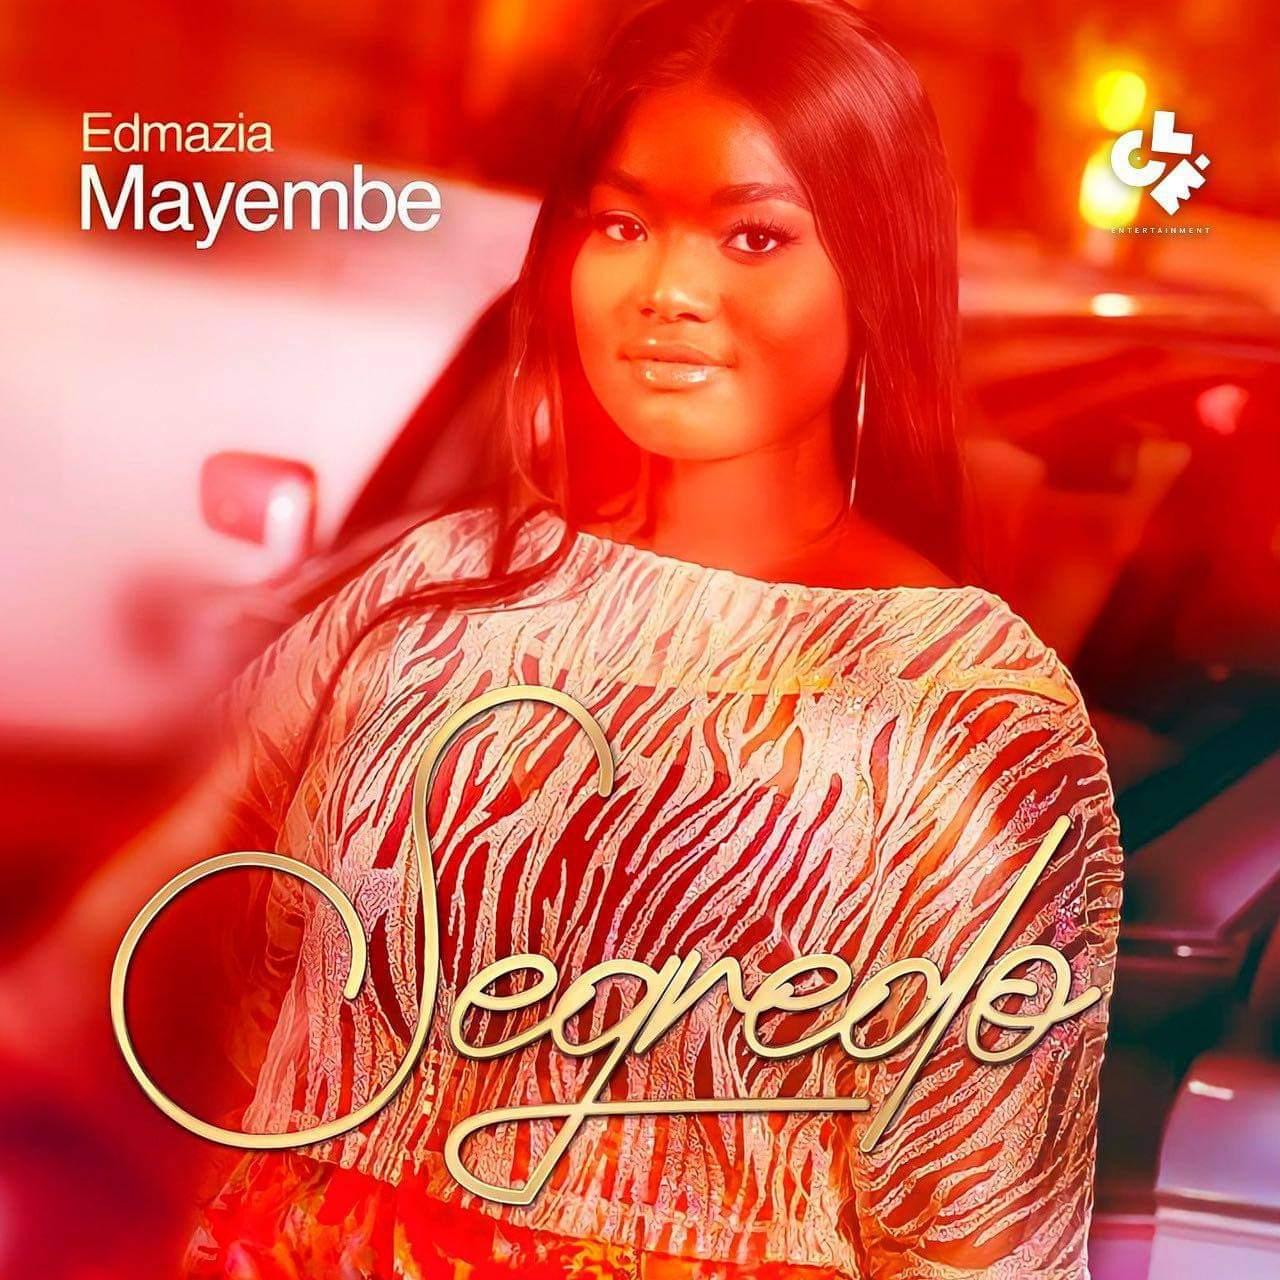 Edmázia Mayembe - Segredo